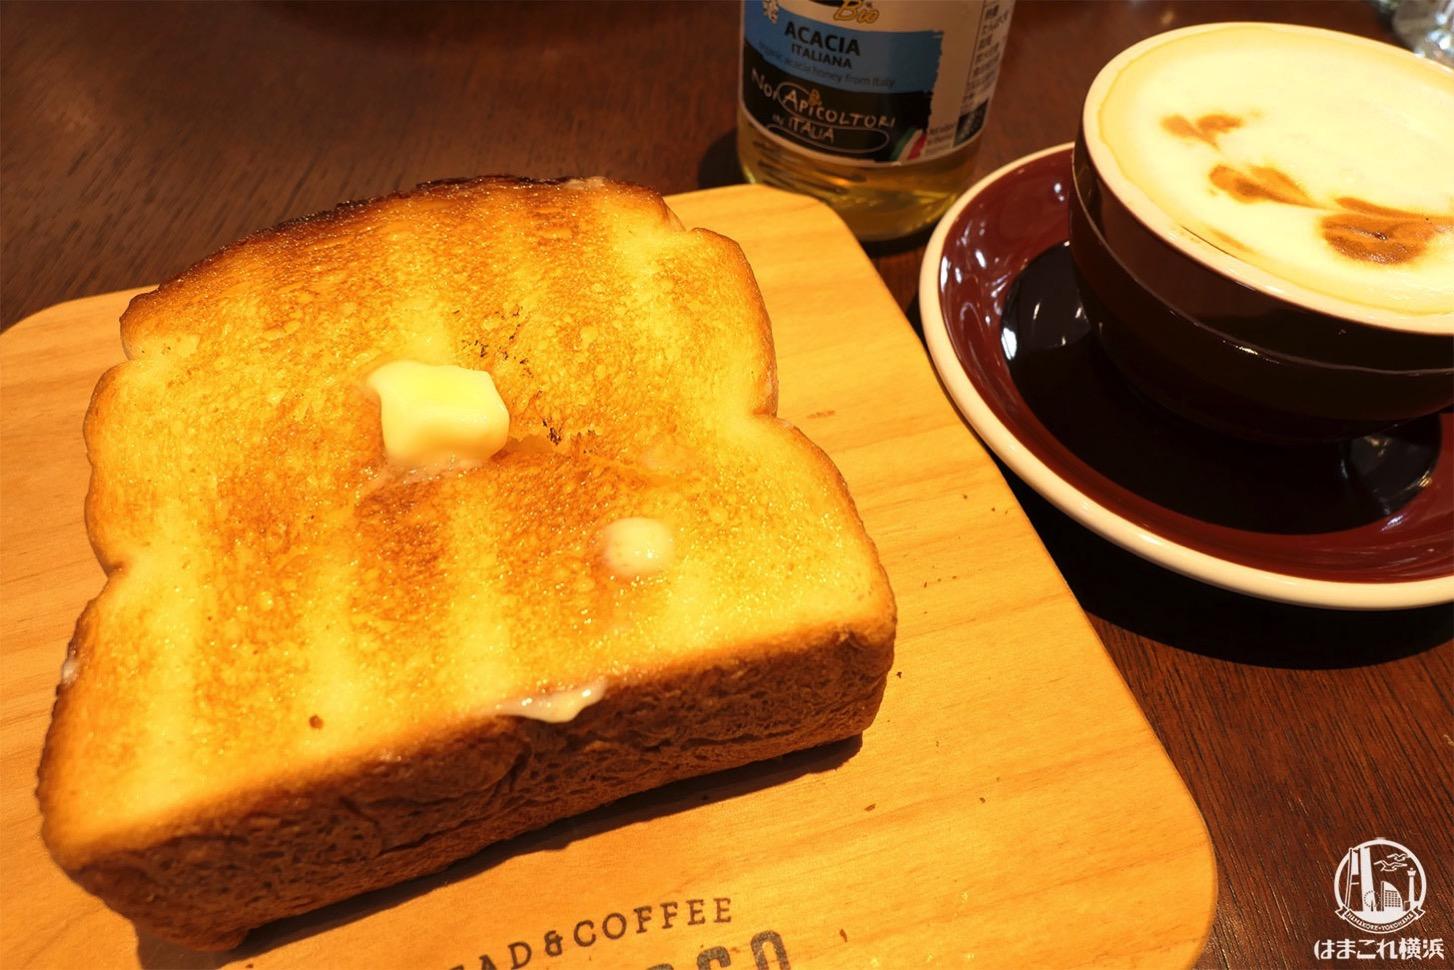 レブレッソ 横浜元町店の厚切りトーストが最高に美味!焼きたて食パンも販売